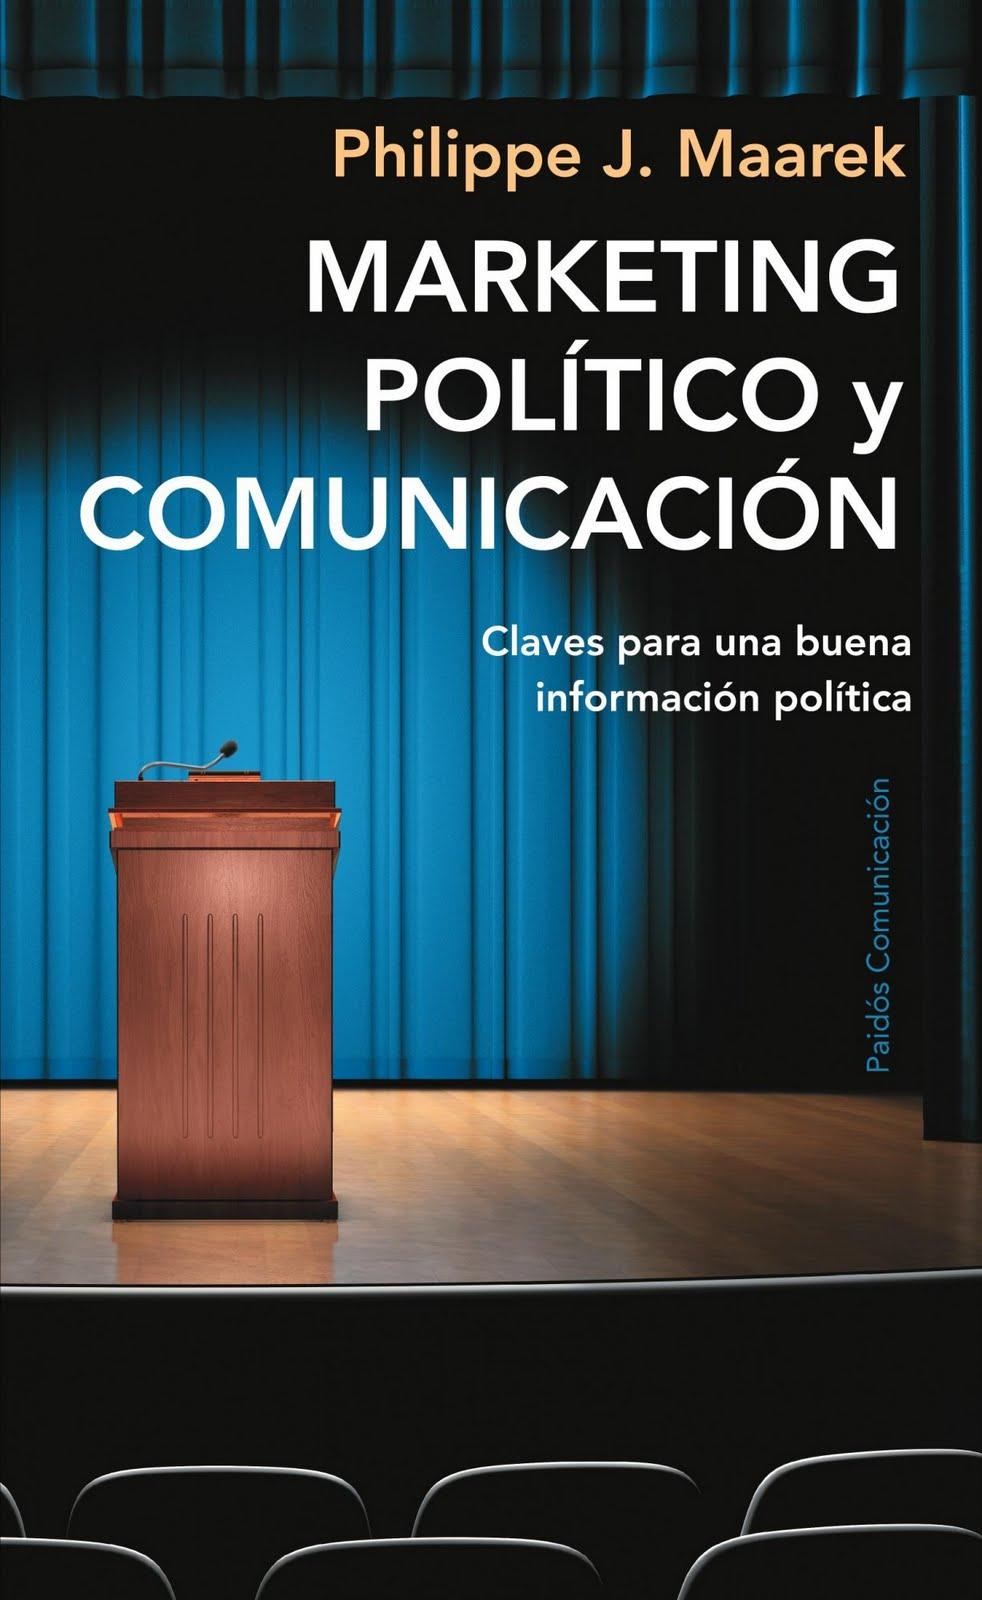 Nuevo Viernes - Nuevo Libro: MARKETING POLÍTICO Y COMUNICACIÓN ...